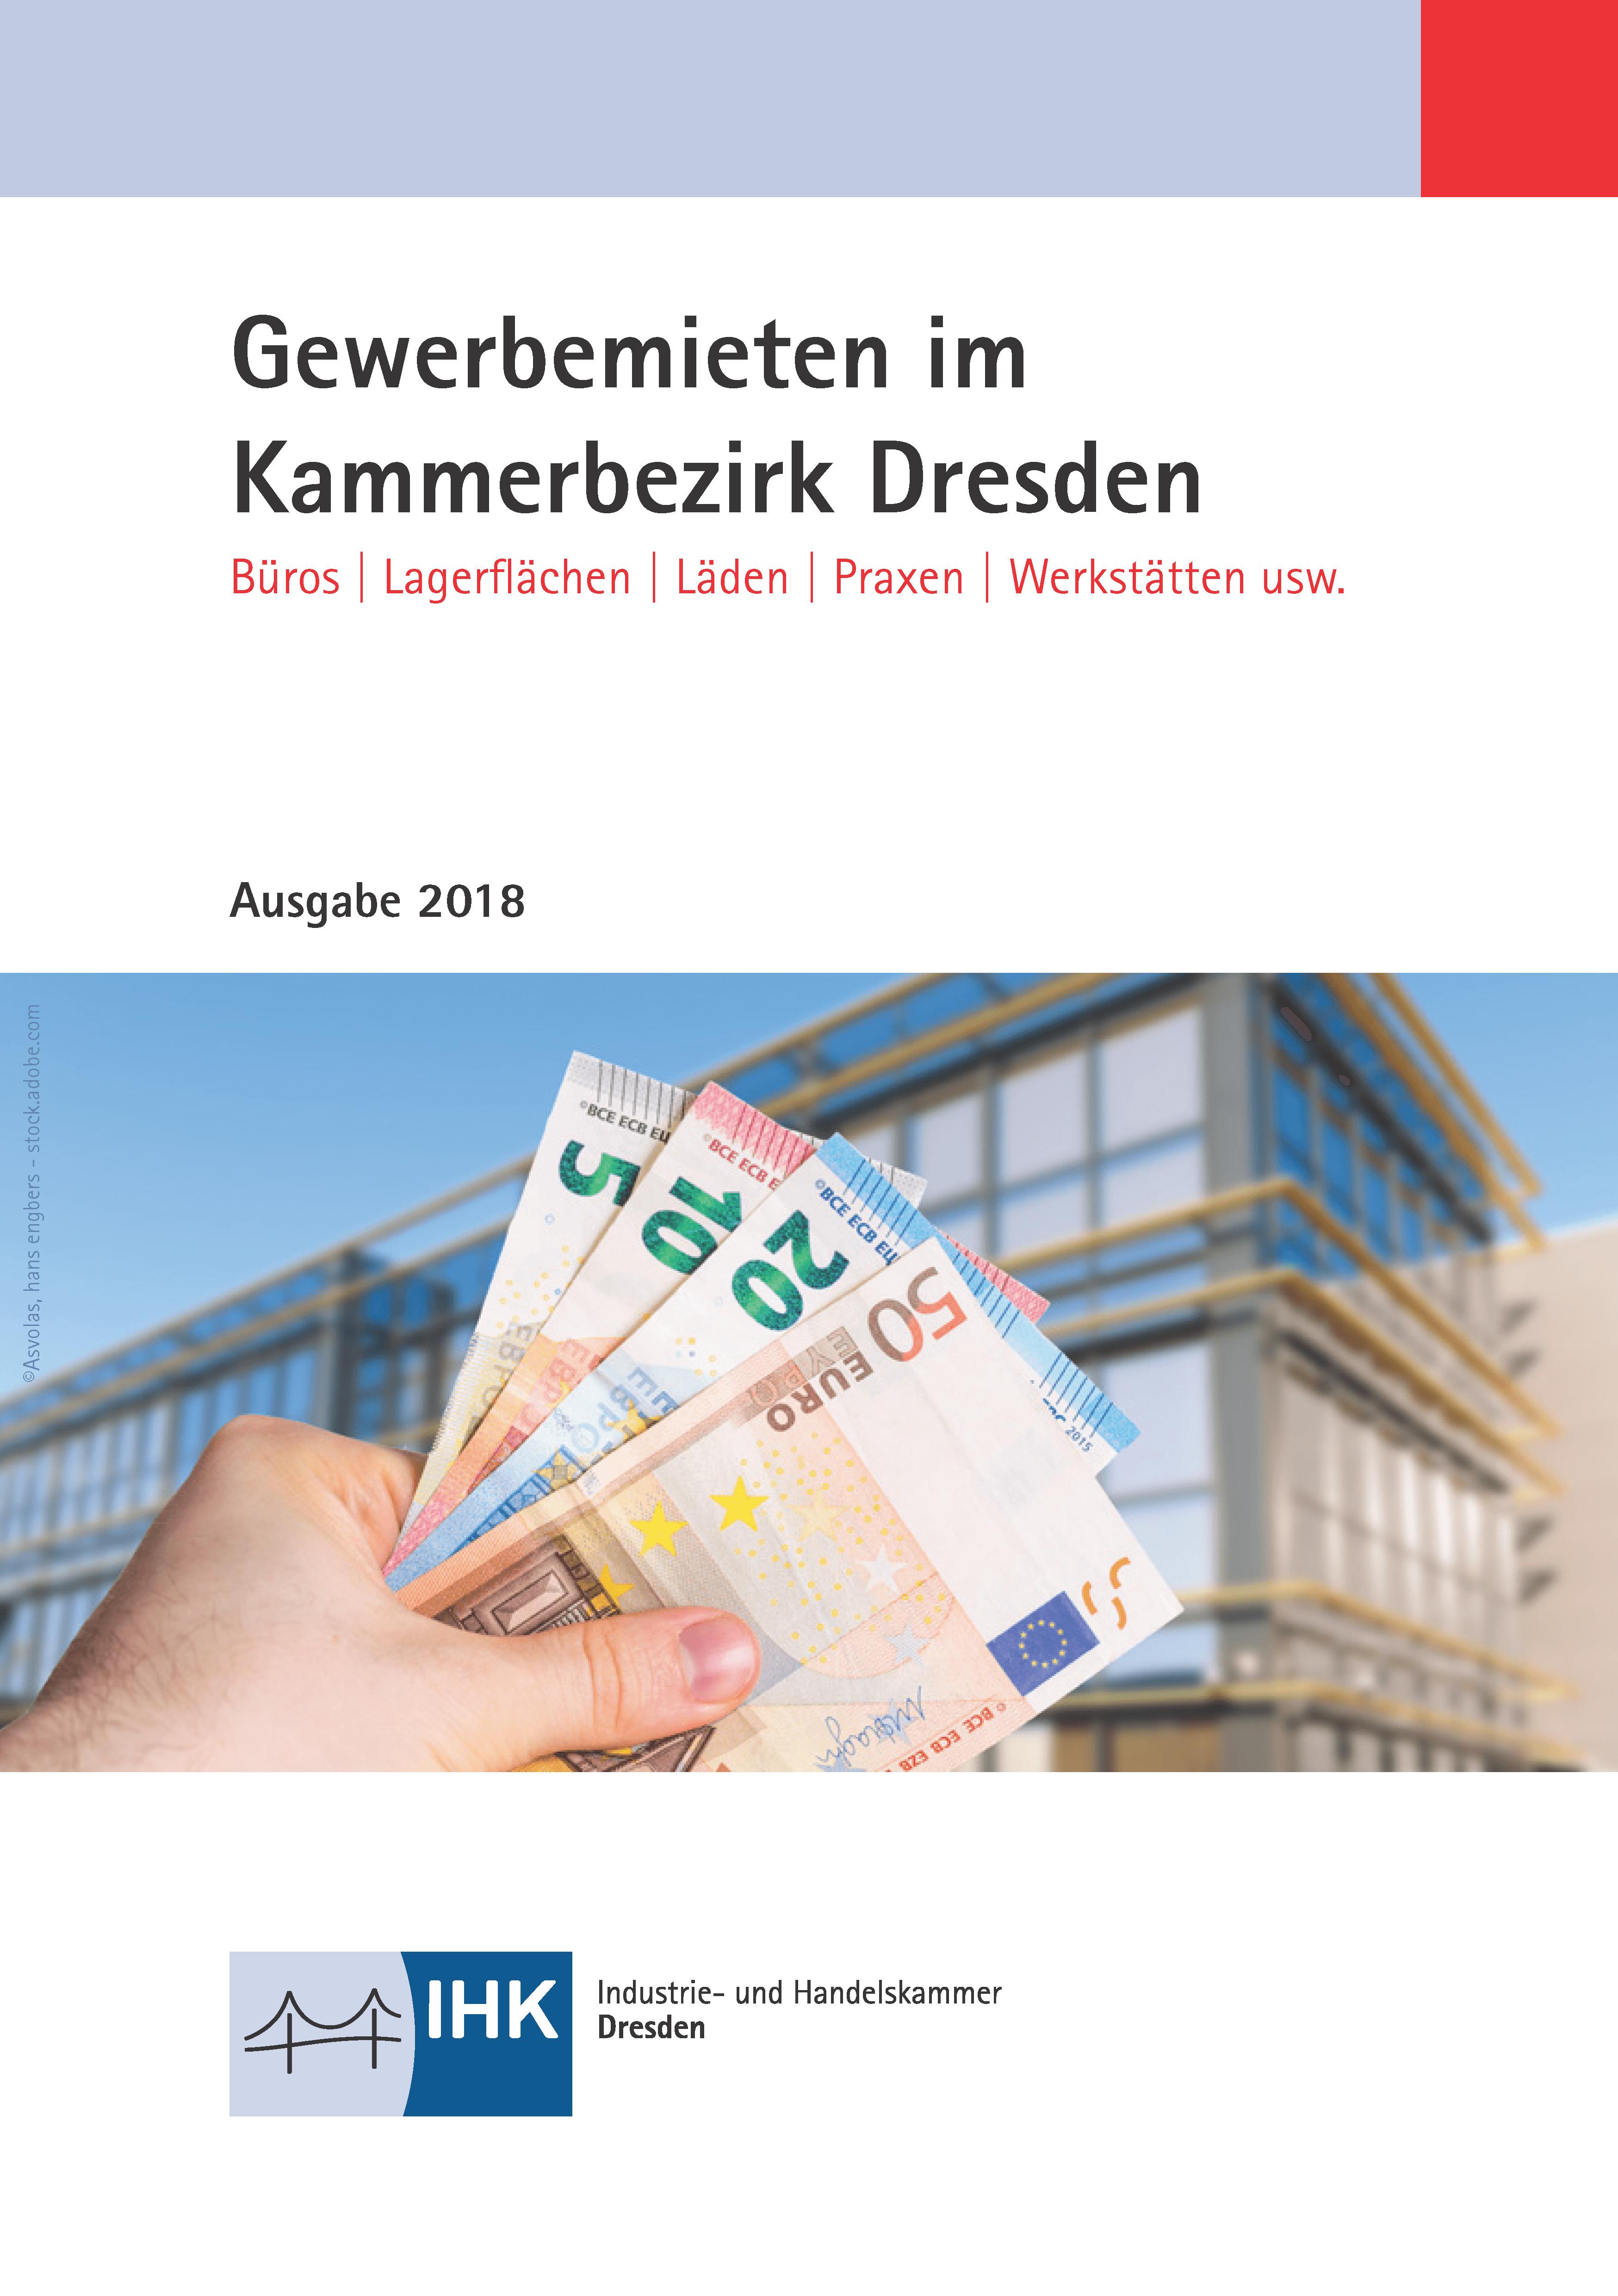 IHK veröffentlicht Gewerbemietspiegel 2018 für den Kammerbezirk Dresden 1